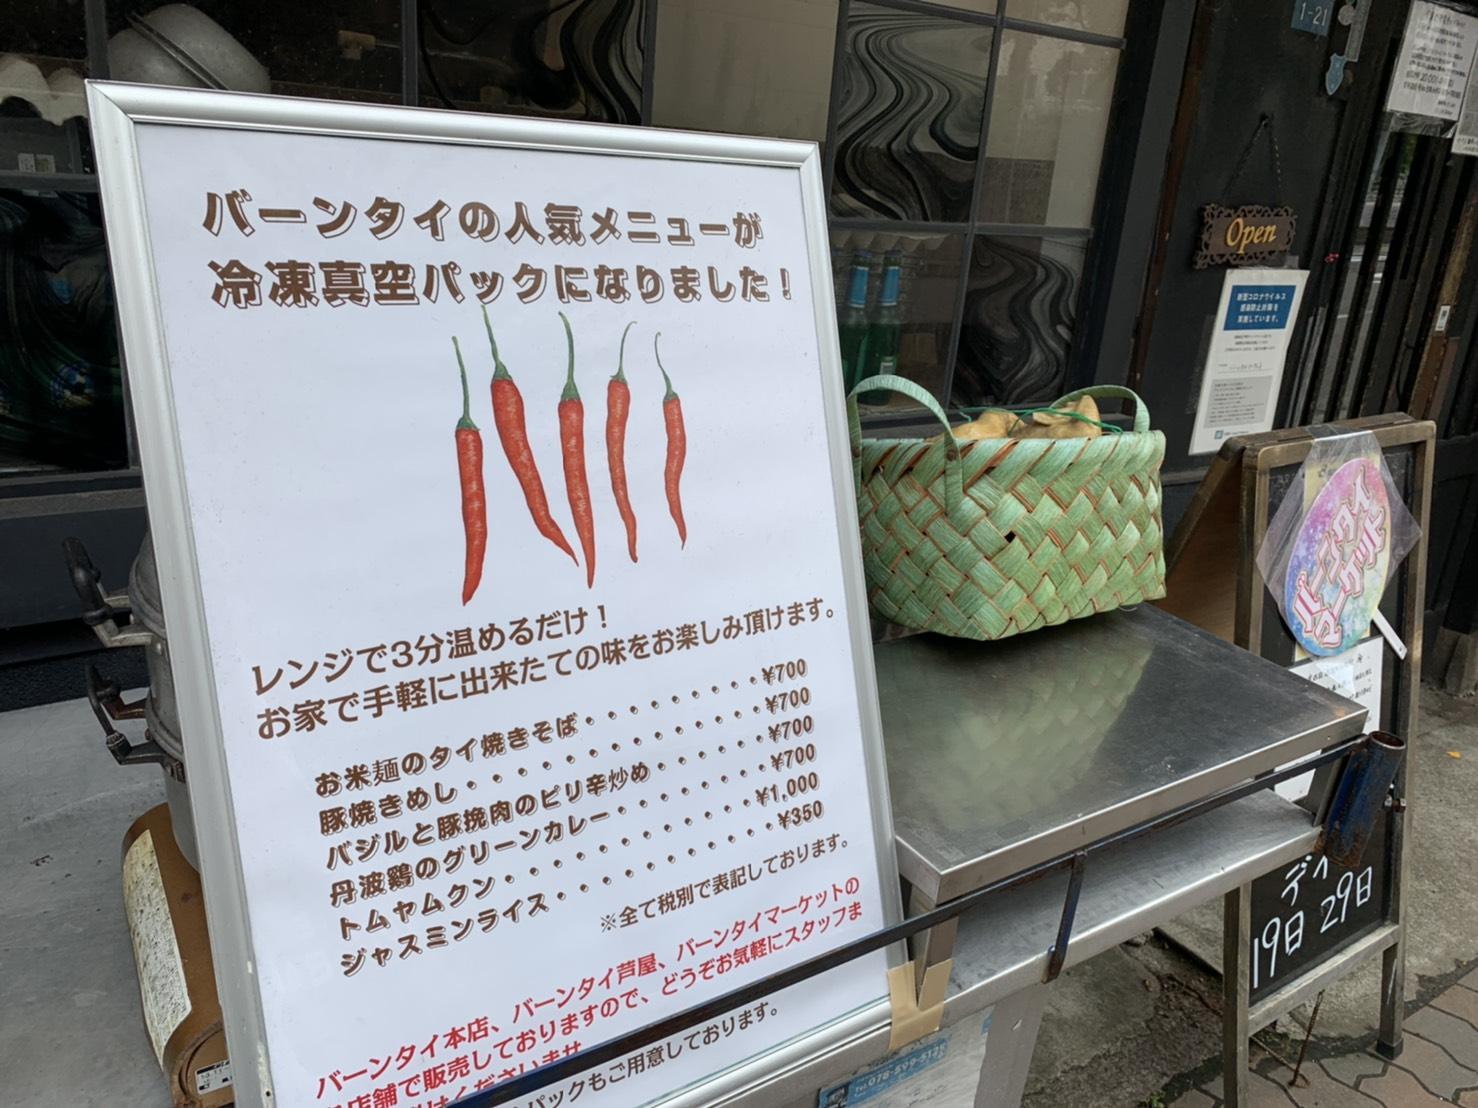 神戸 三宮 タイ料理 バーンタイマーケット バーンタイ トムヤムラーメン テイクアウト